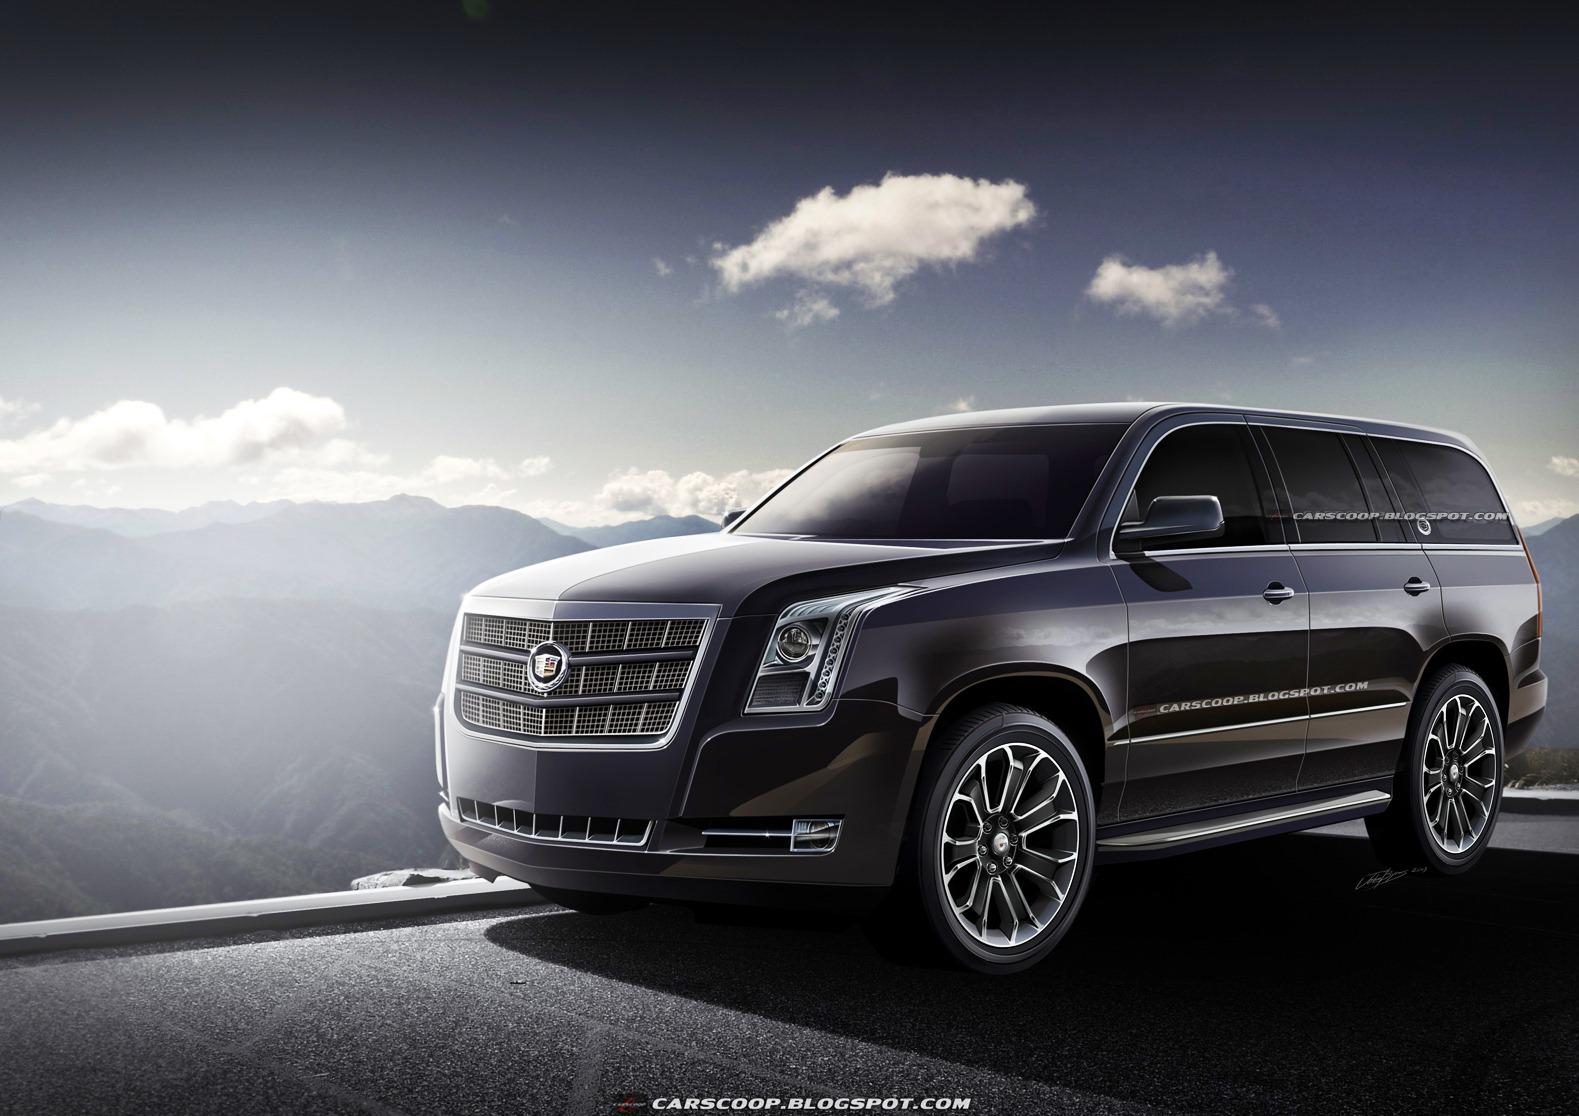 Future Cadillac Escalade 2014